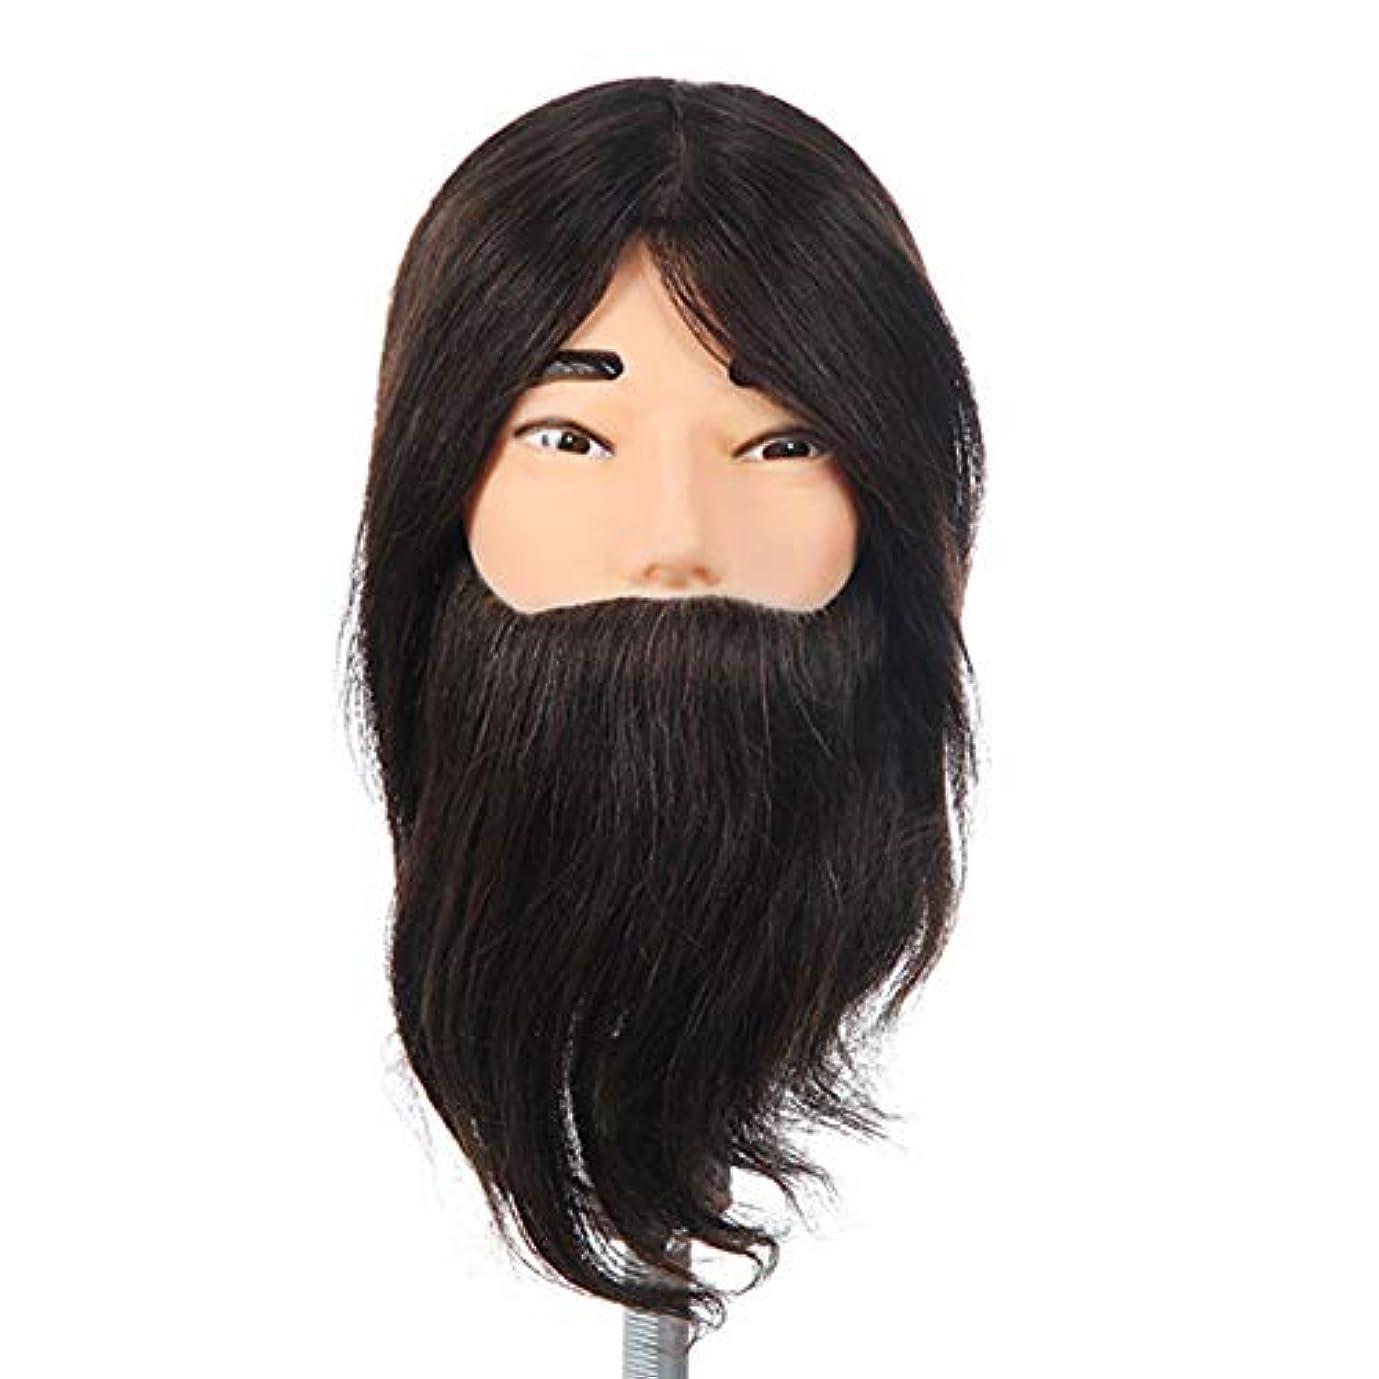 社会学喜ぶ可愛い男性の本物の髪ショートヘアダミーヘッド理髪店トリミングひげヘアカットの練習マネキン理髪学校専用のトレーニングヘッド